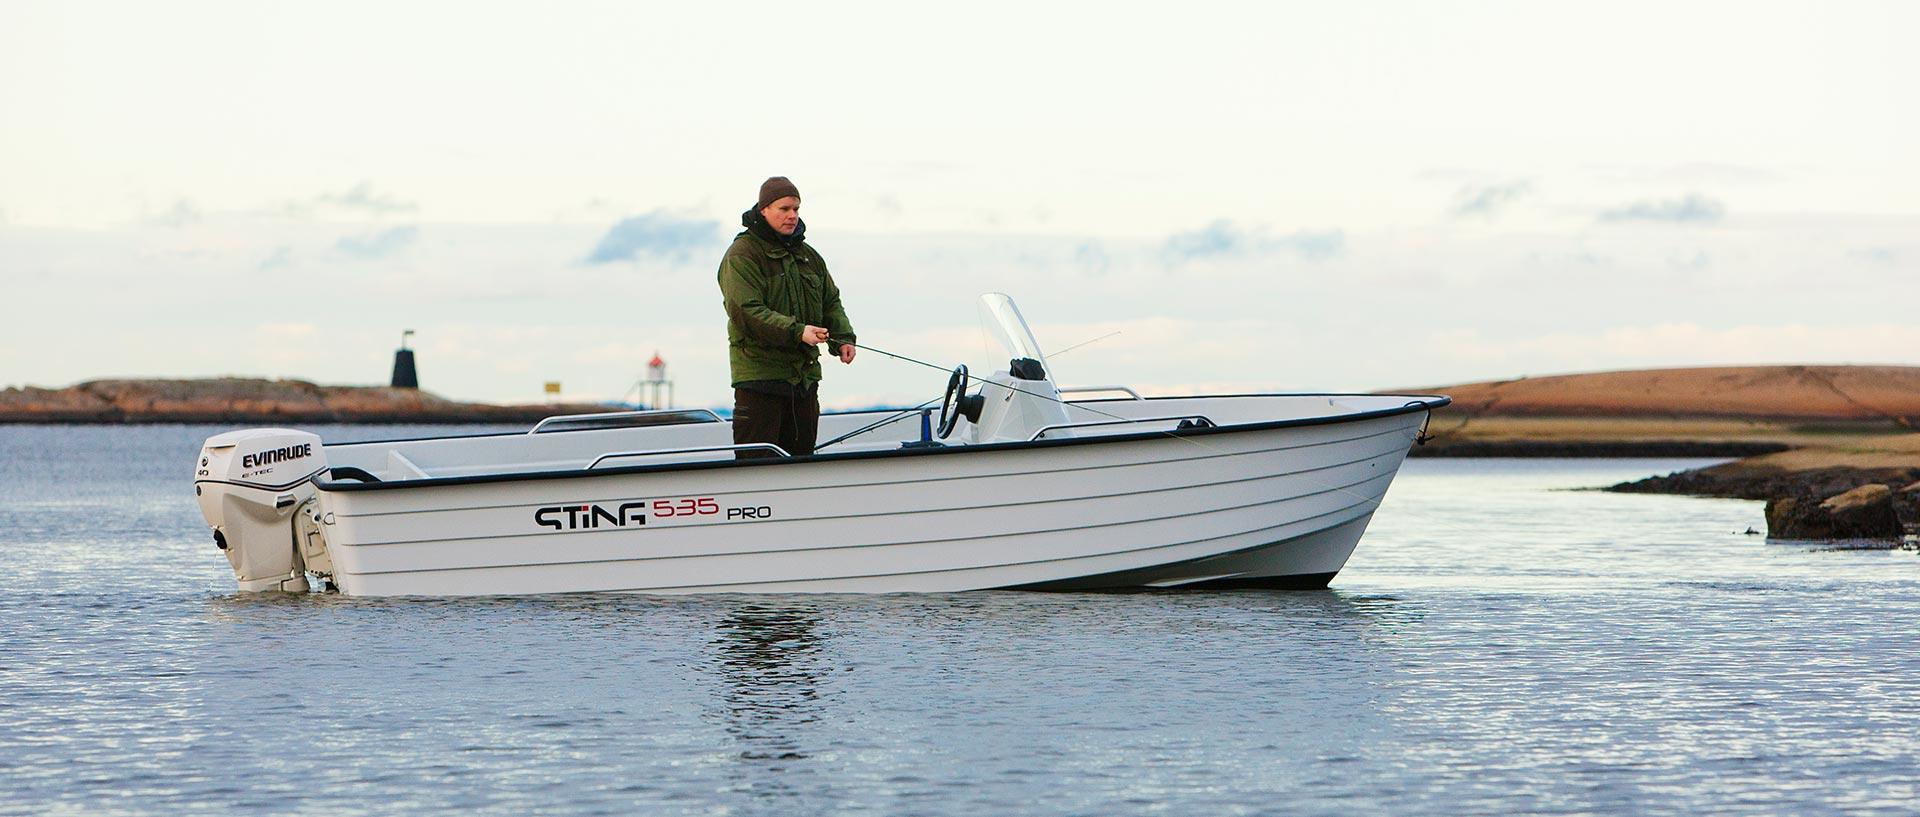 Pracovní motorový člun norské značky STiNG, 535 PRO